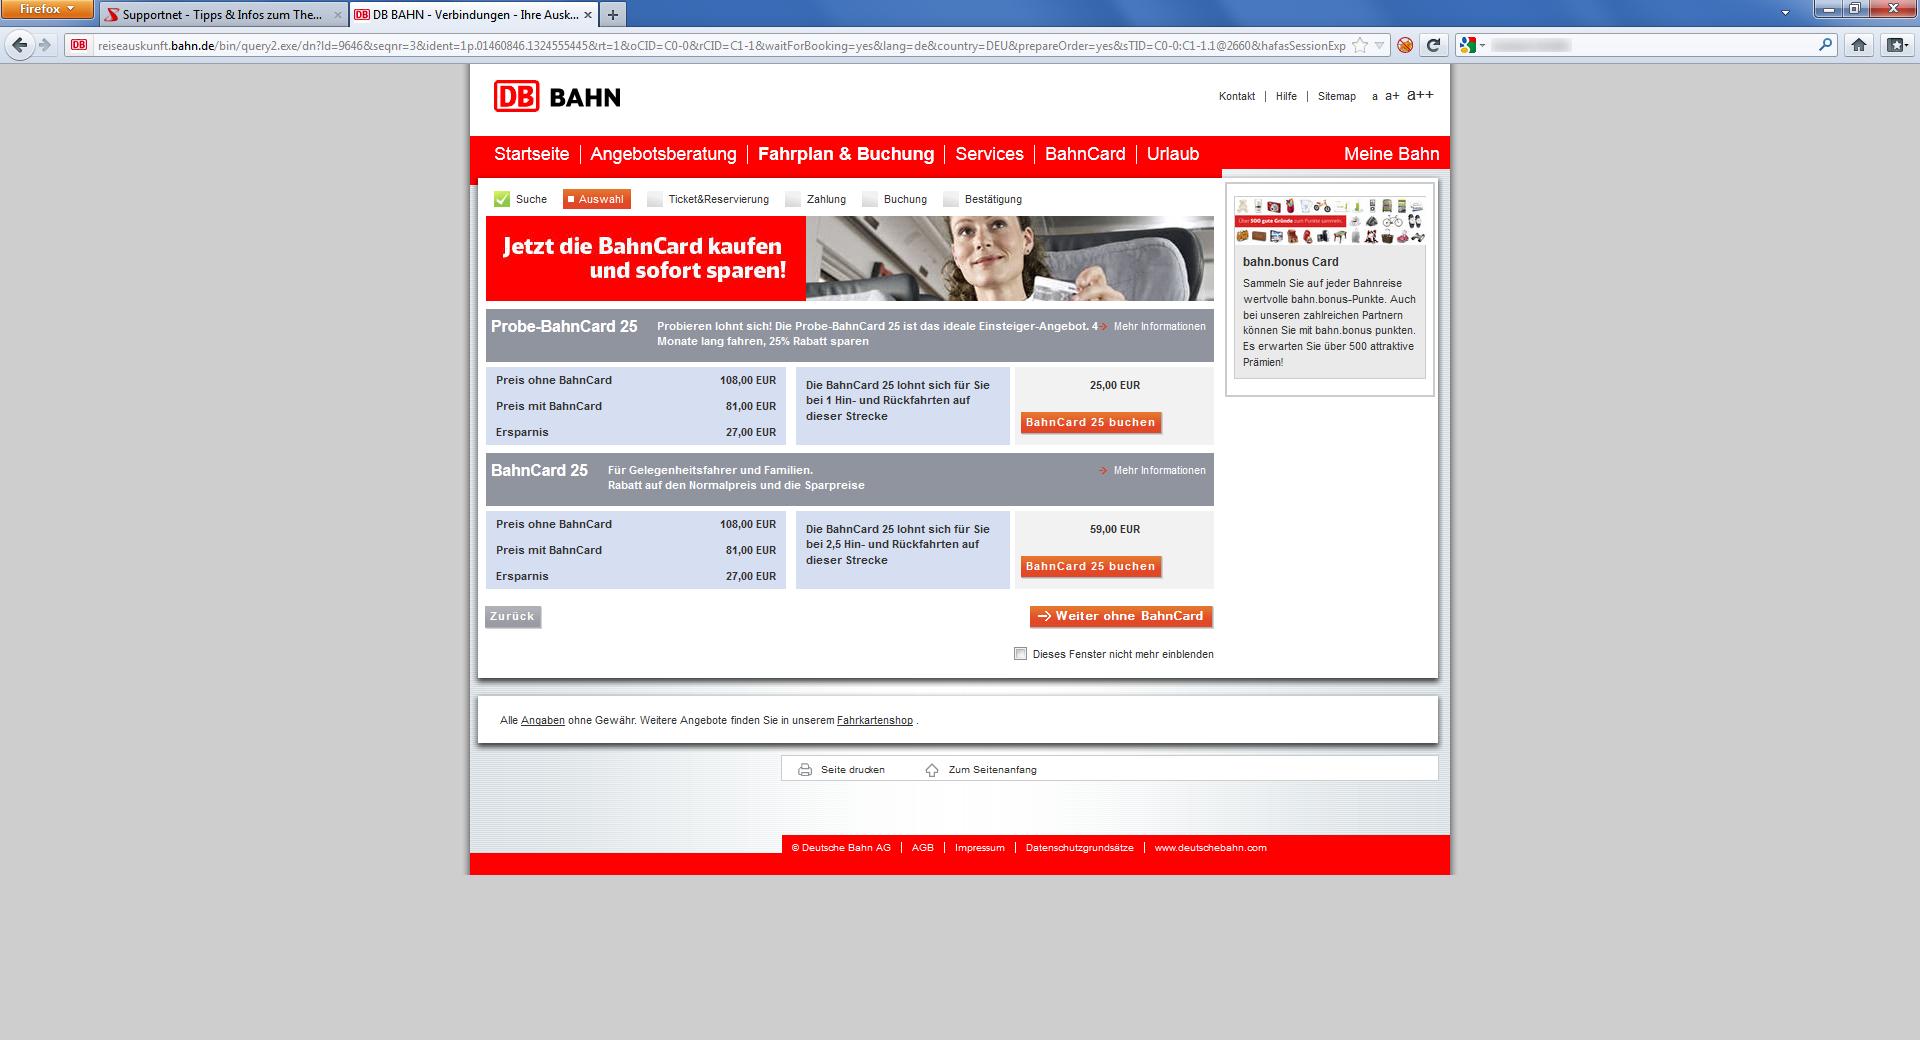 05-online-ein-ticket-bei-der-deutschen-bahn-buchen-bahncard-angebot-470.png?nocache=1324981867894